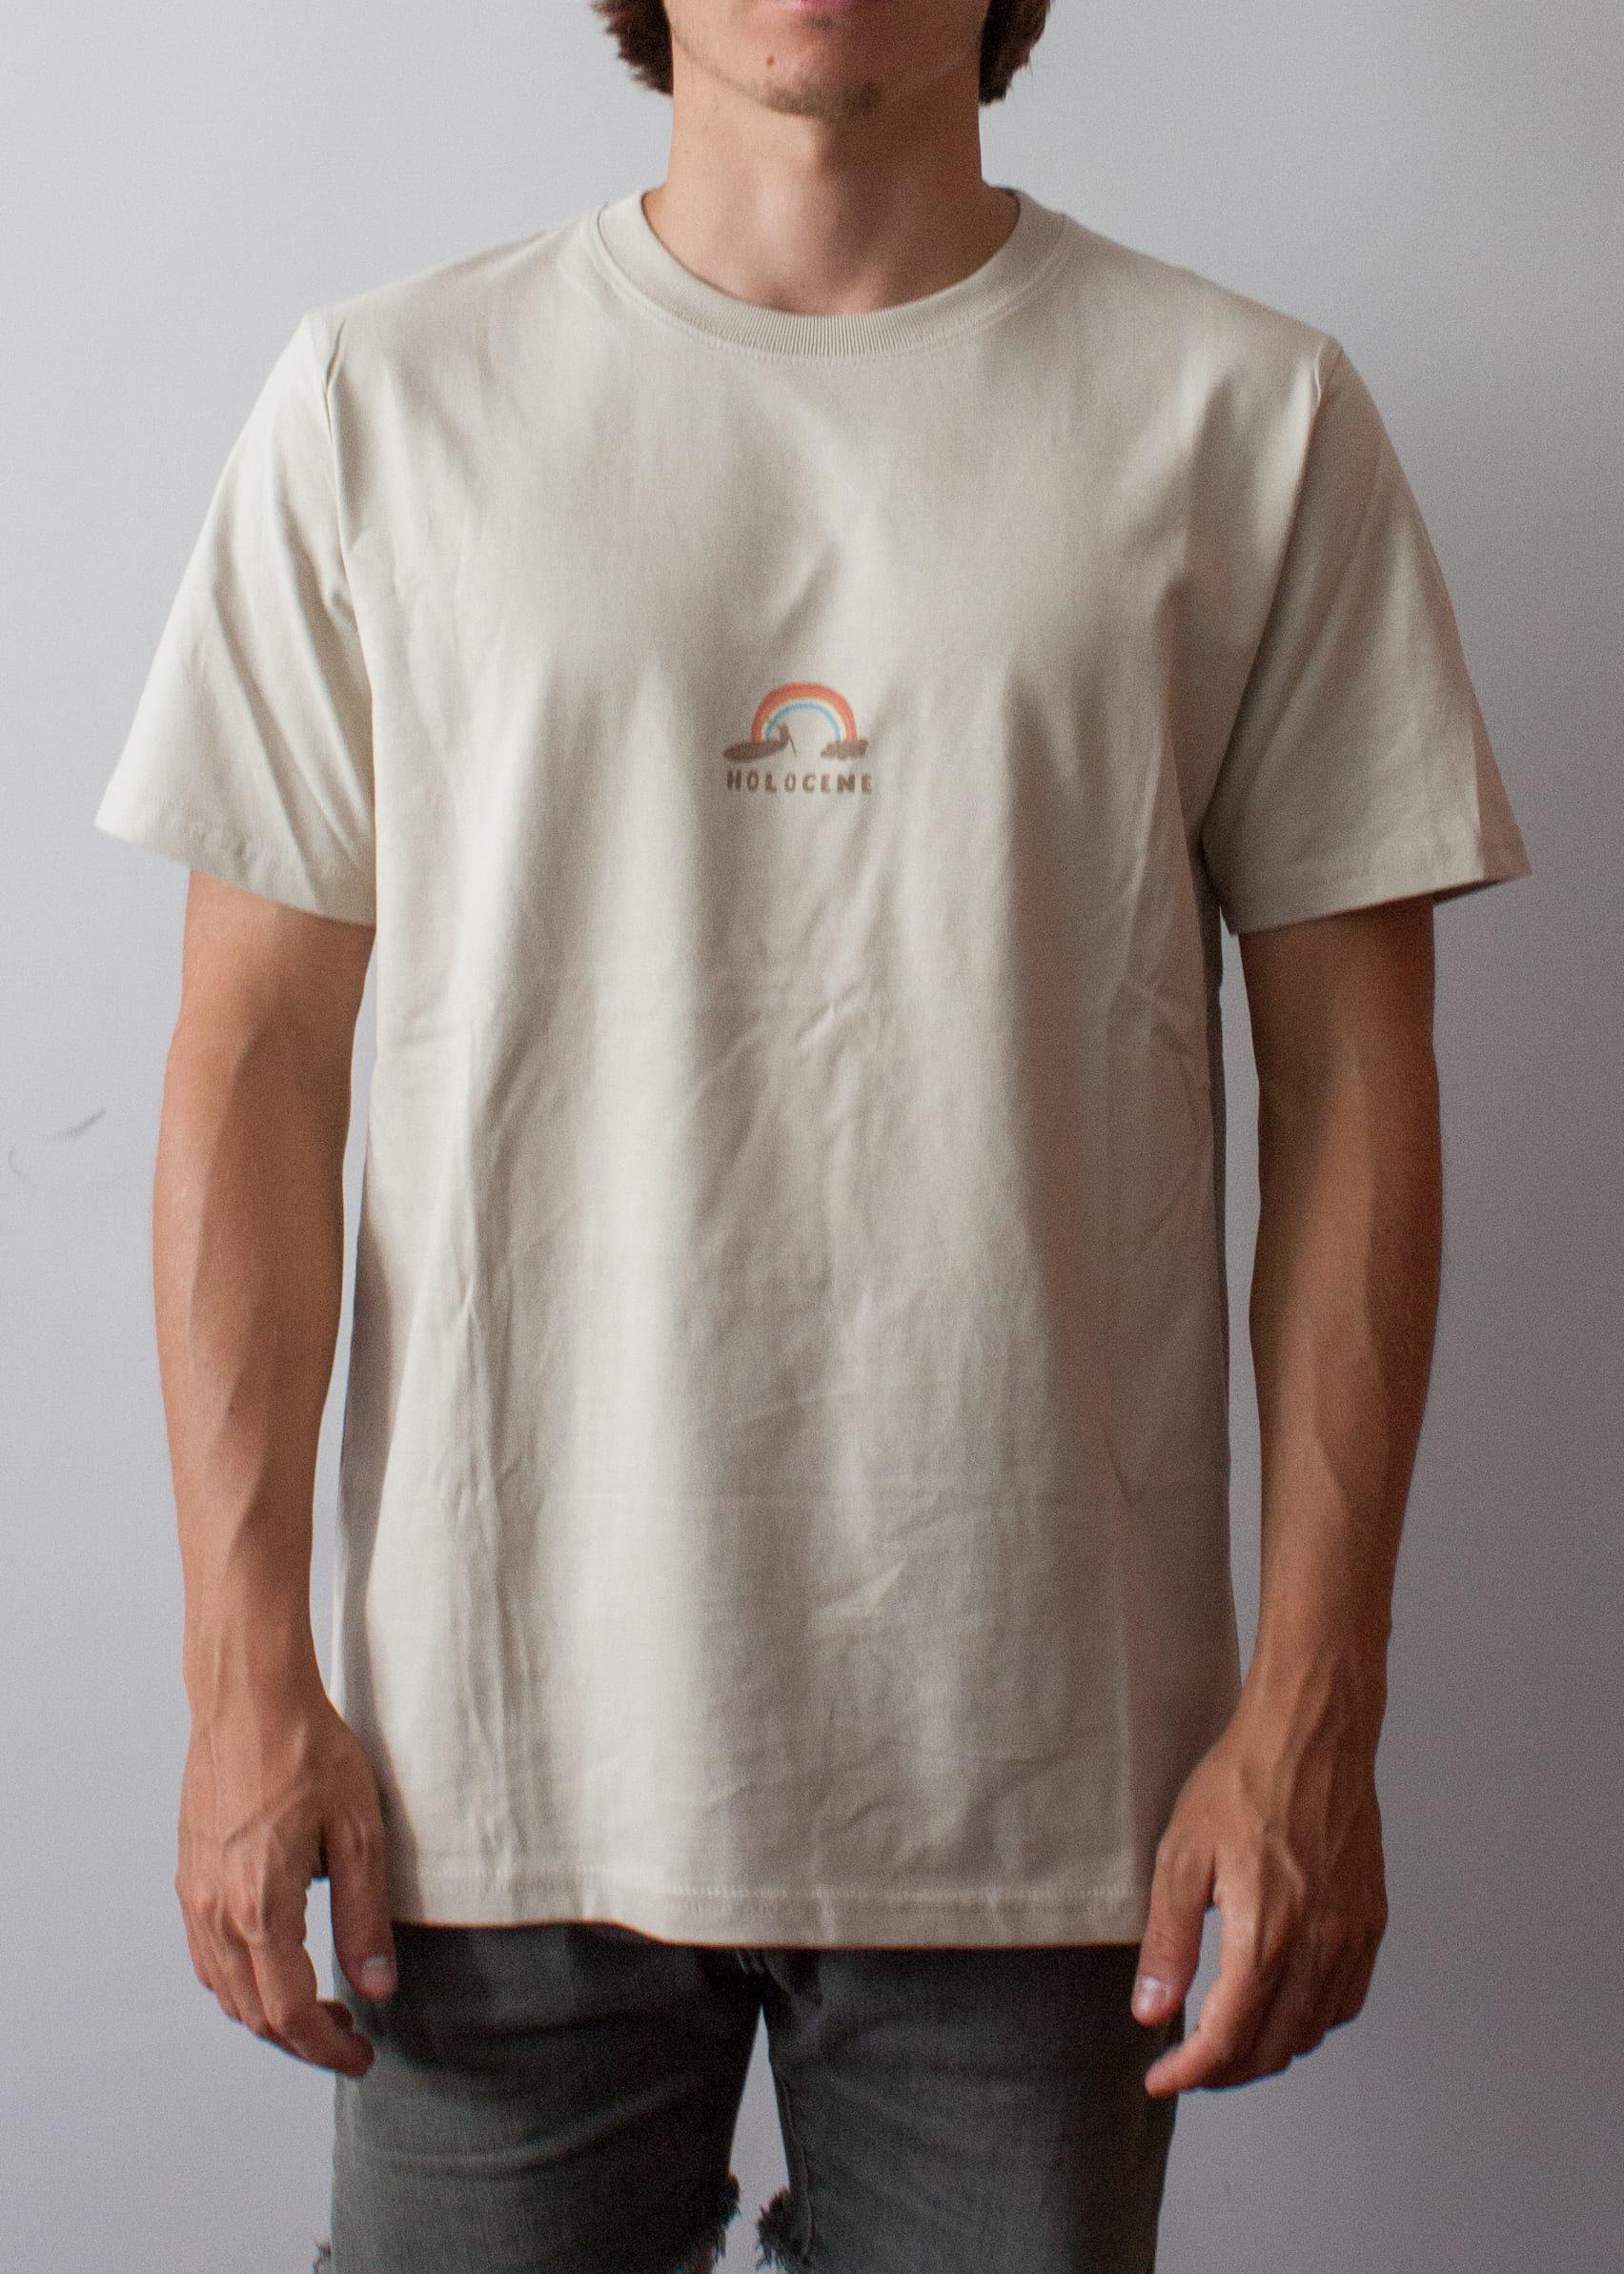 ¿Puede una Camiseta Ayudar a Detener el Cambio Climático?